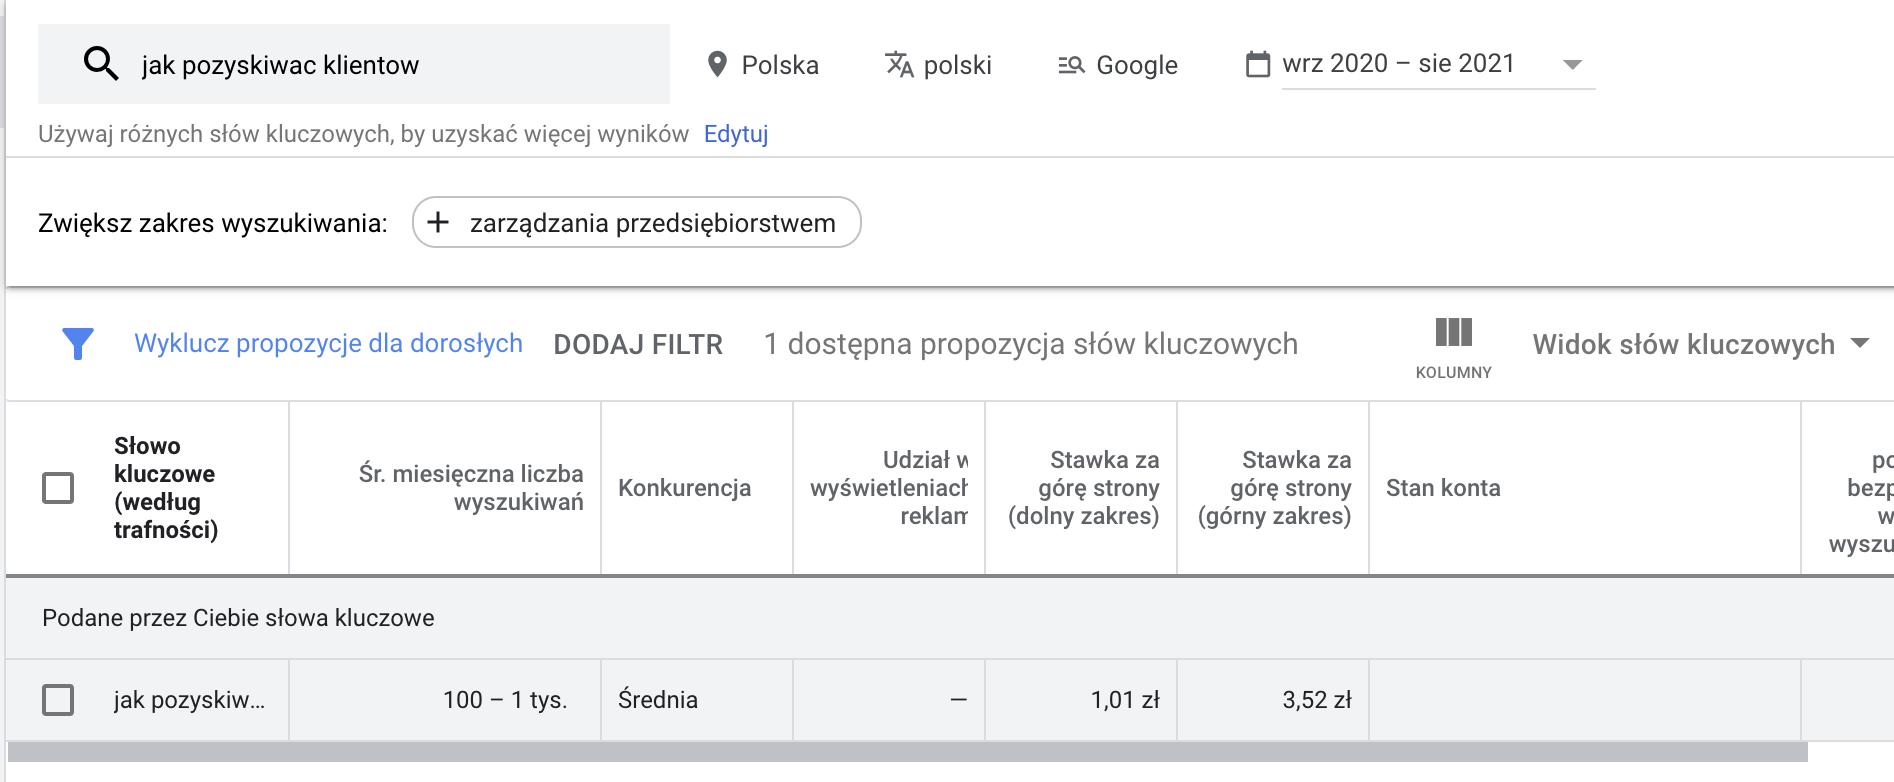 planer slow kluczowych google ads wyniki